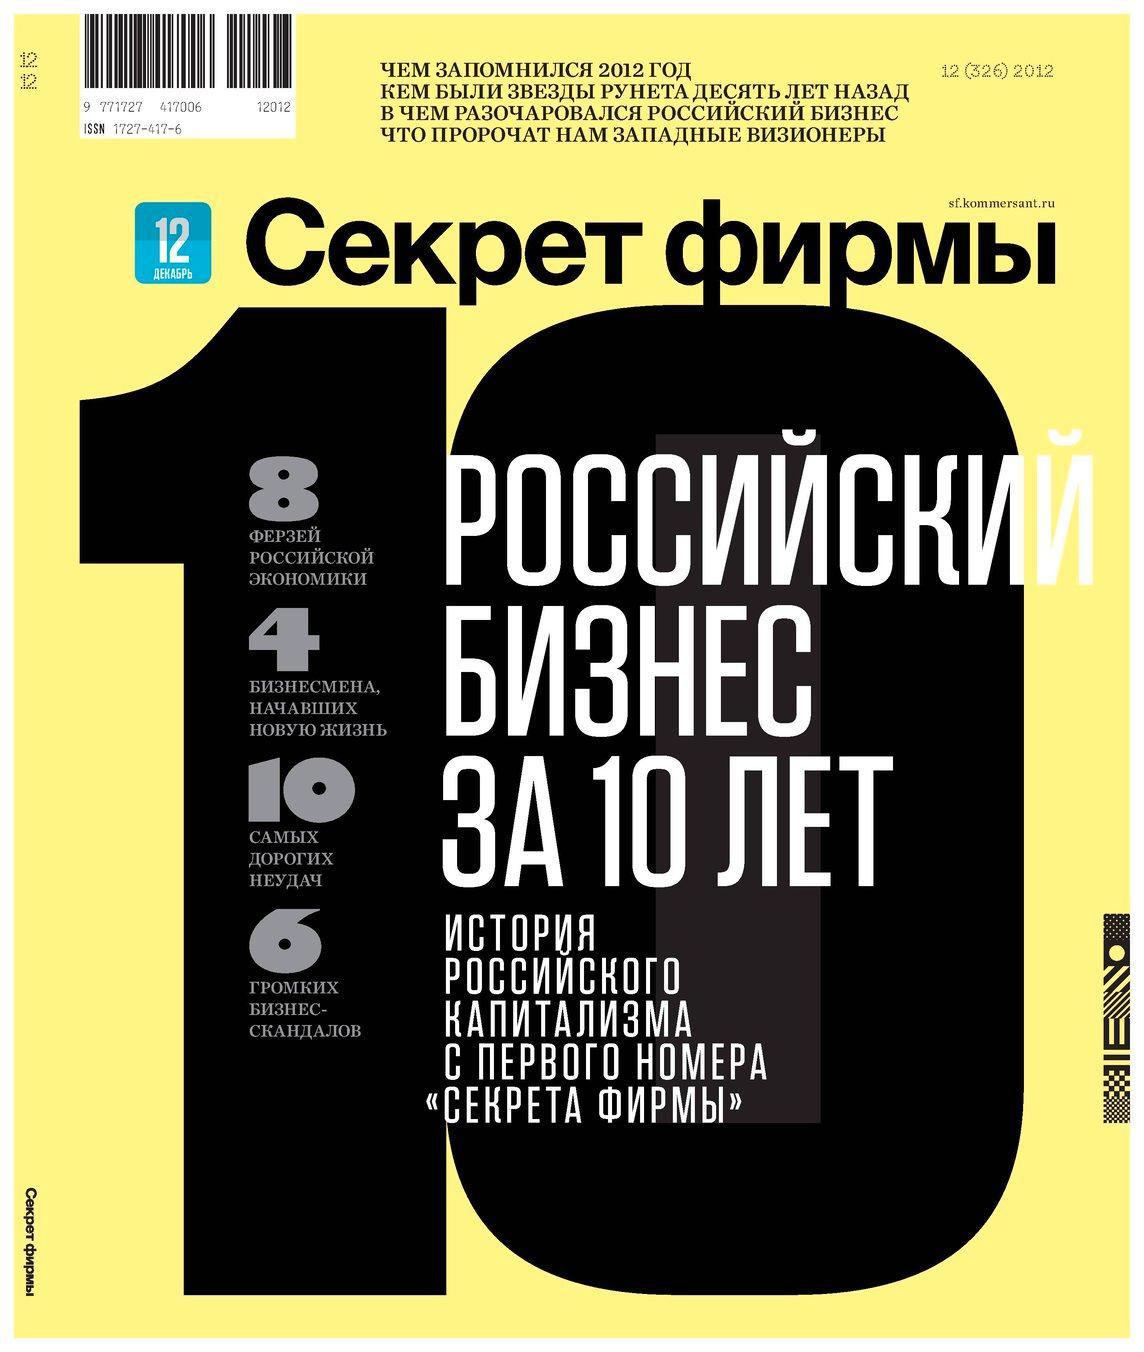 Значение слова «стан» в 10 онлайн словарях даль, ожегов, ефремова и др. - glosum.ru